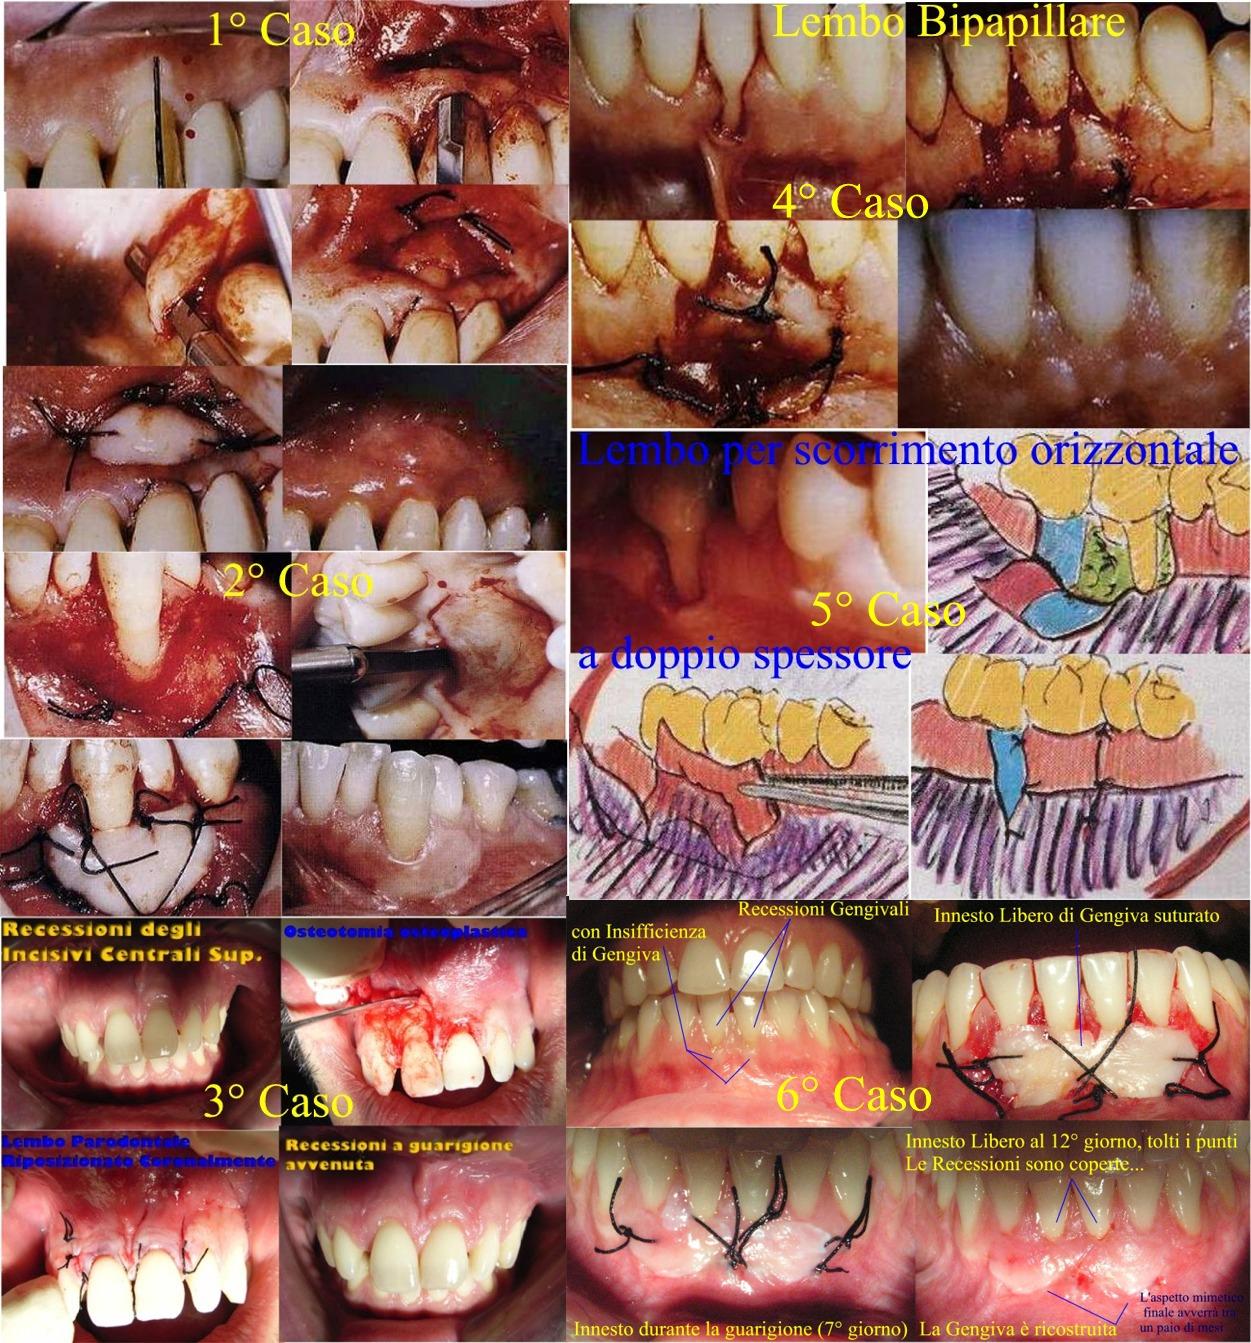 Recessionigengivale e loro terapia con chirurgia Parodontale mucogengivale. Da casistica Dr.Gustavo Petti Parodontologo di Cagliari